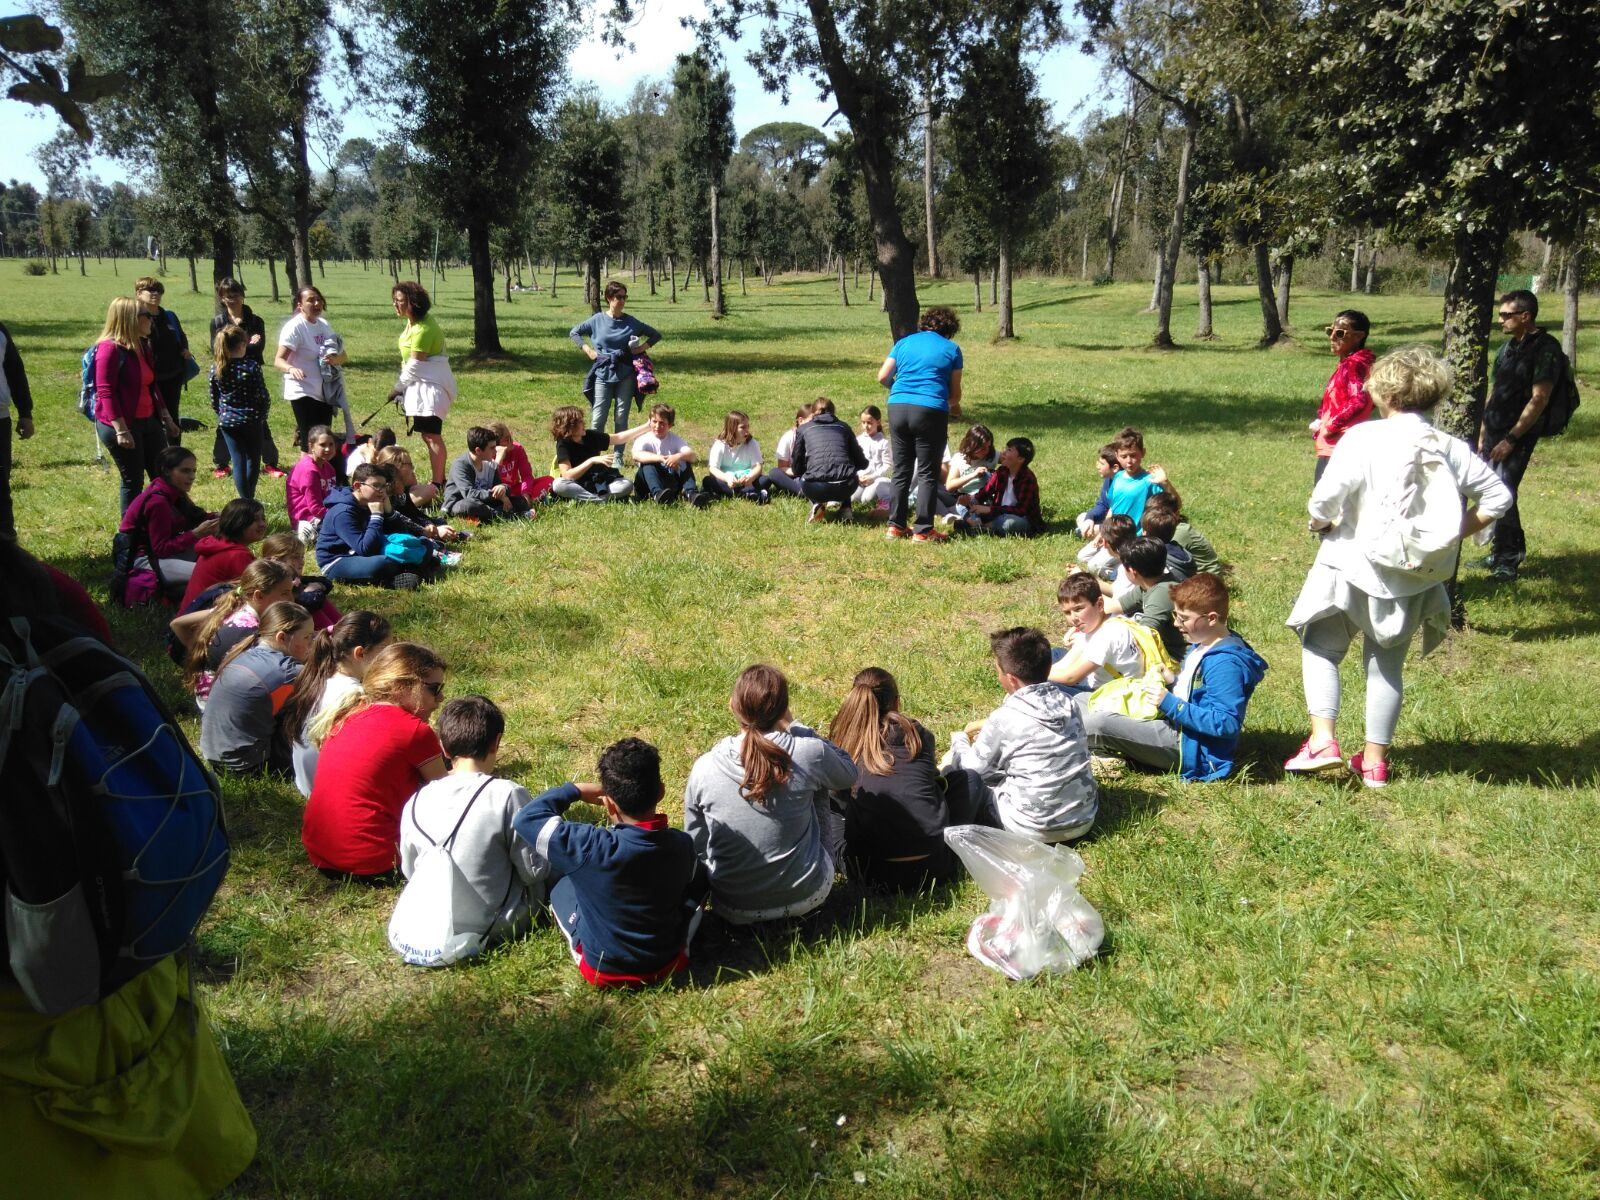 Uscita nel parco della Versiliana per i ragazzi del progetto Move Up